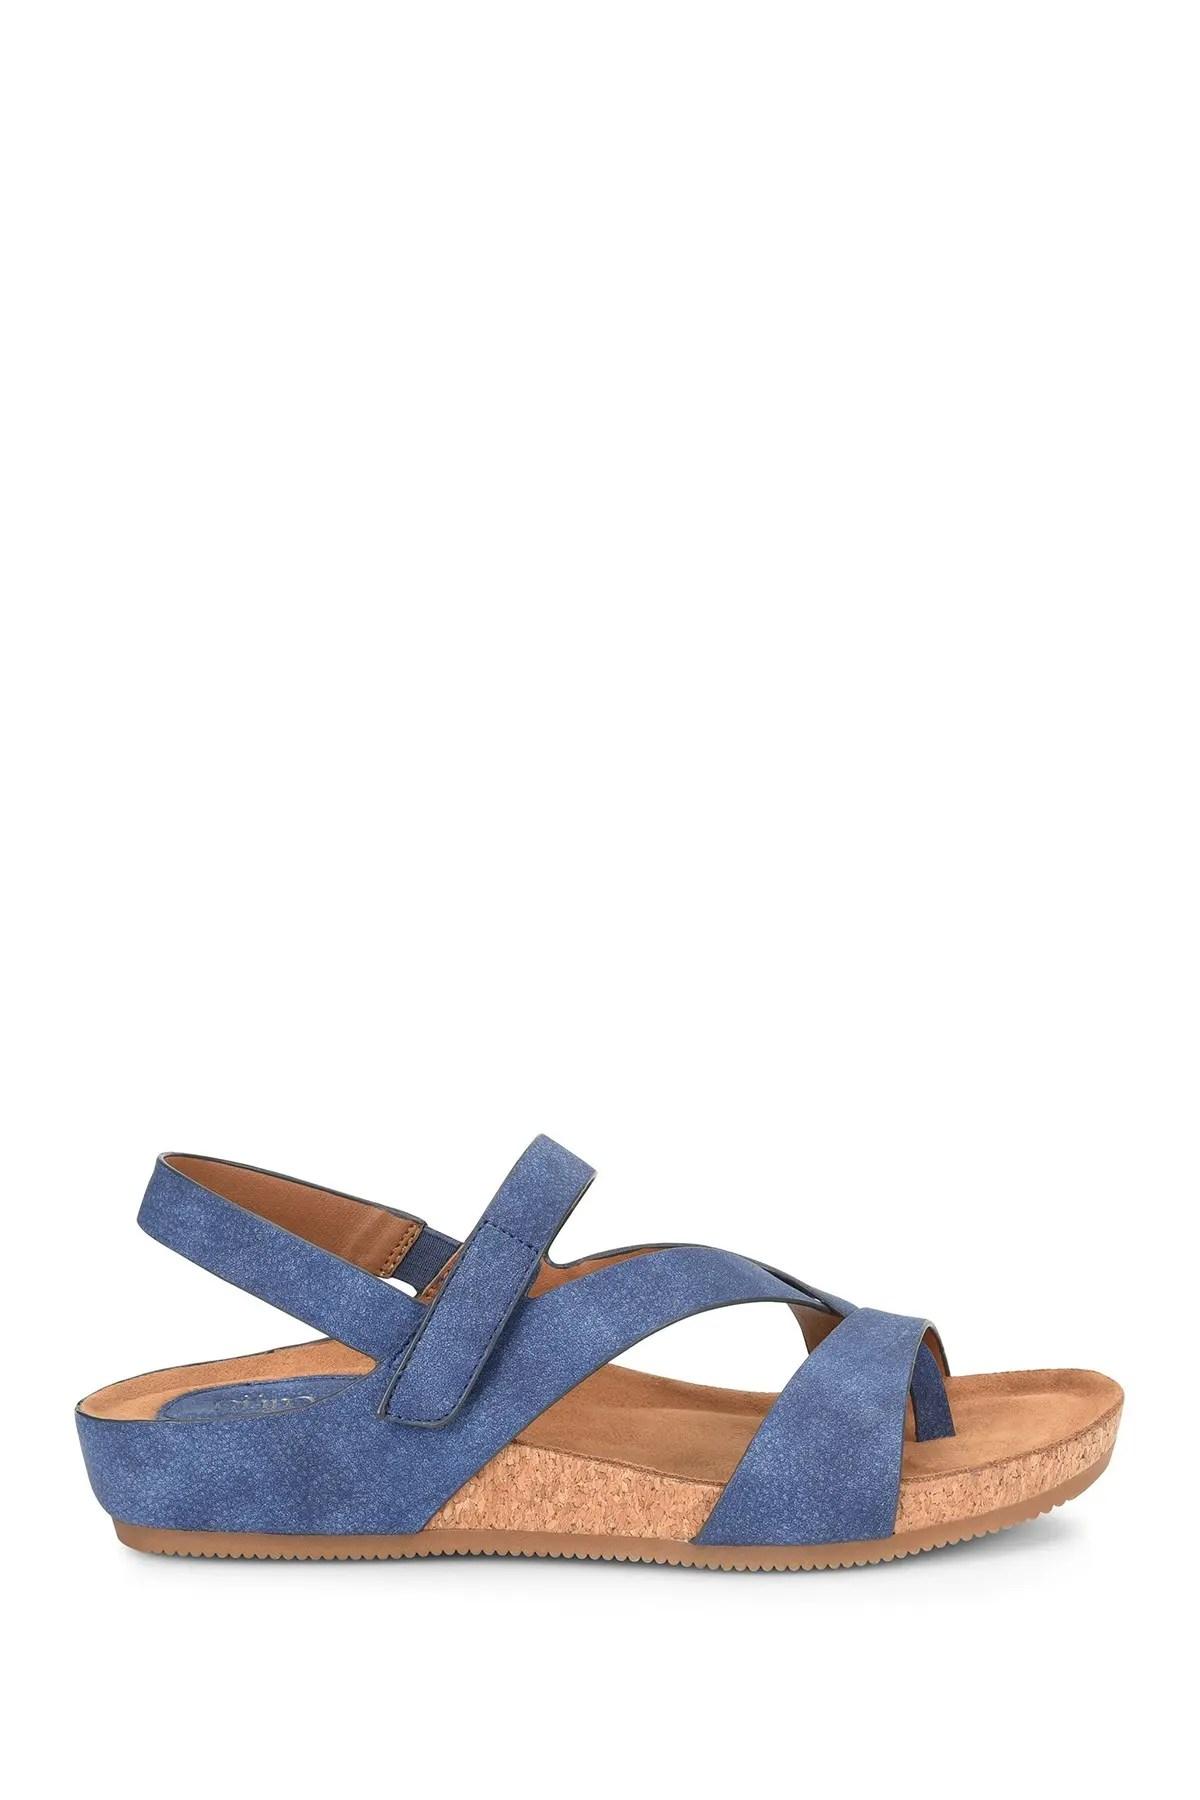 https www nordstromrack com shop women shoes sandals sort most popular page 8